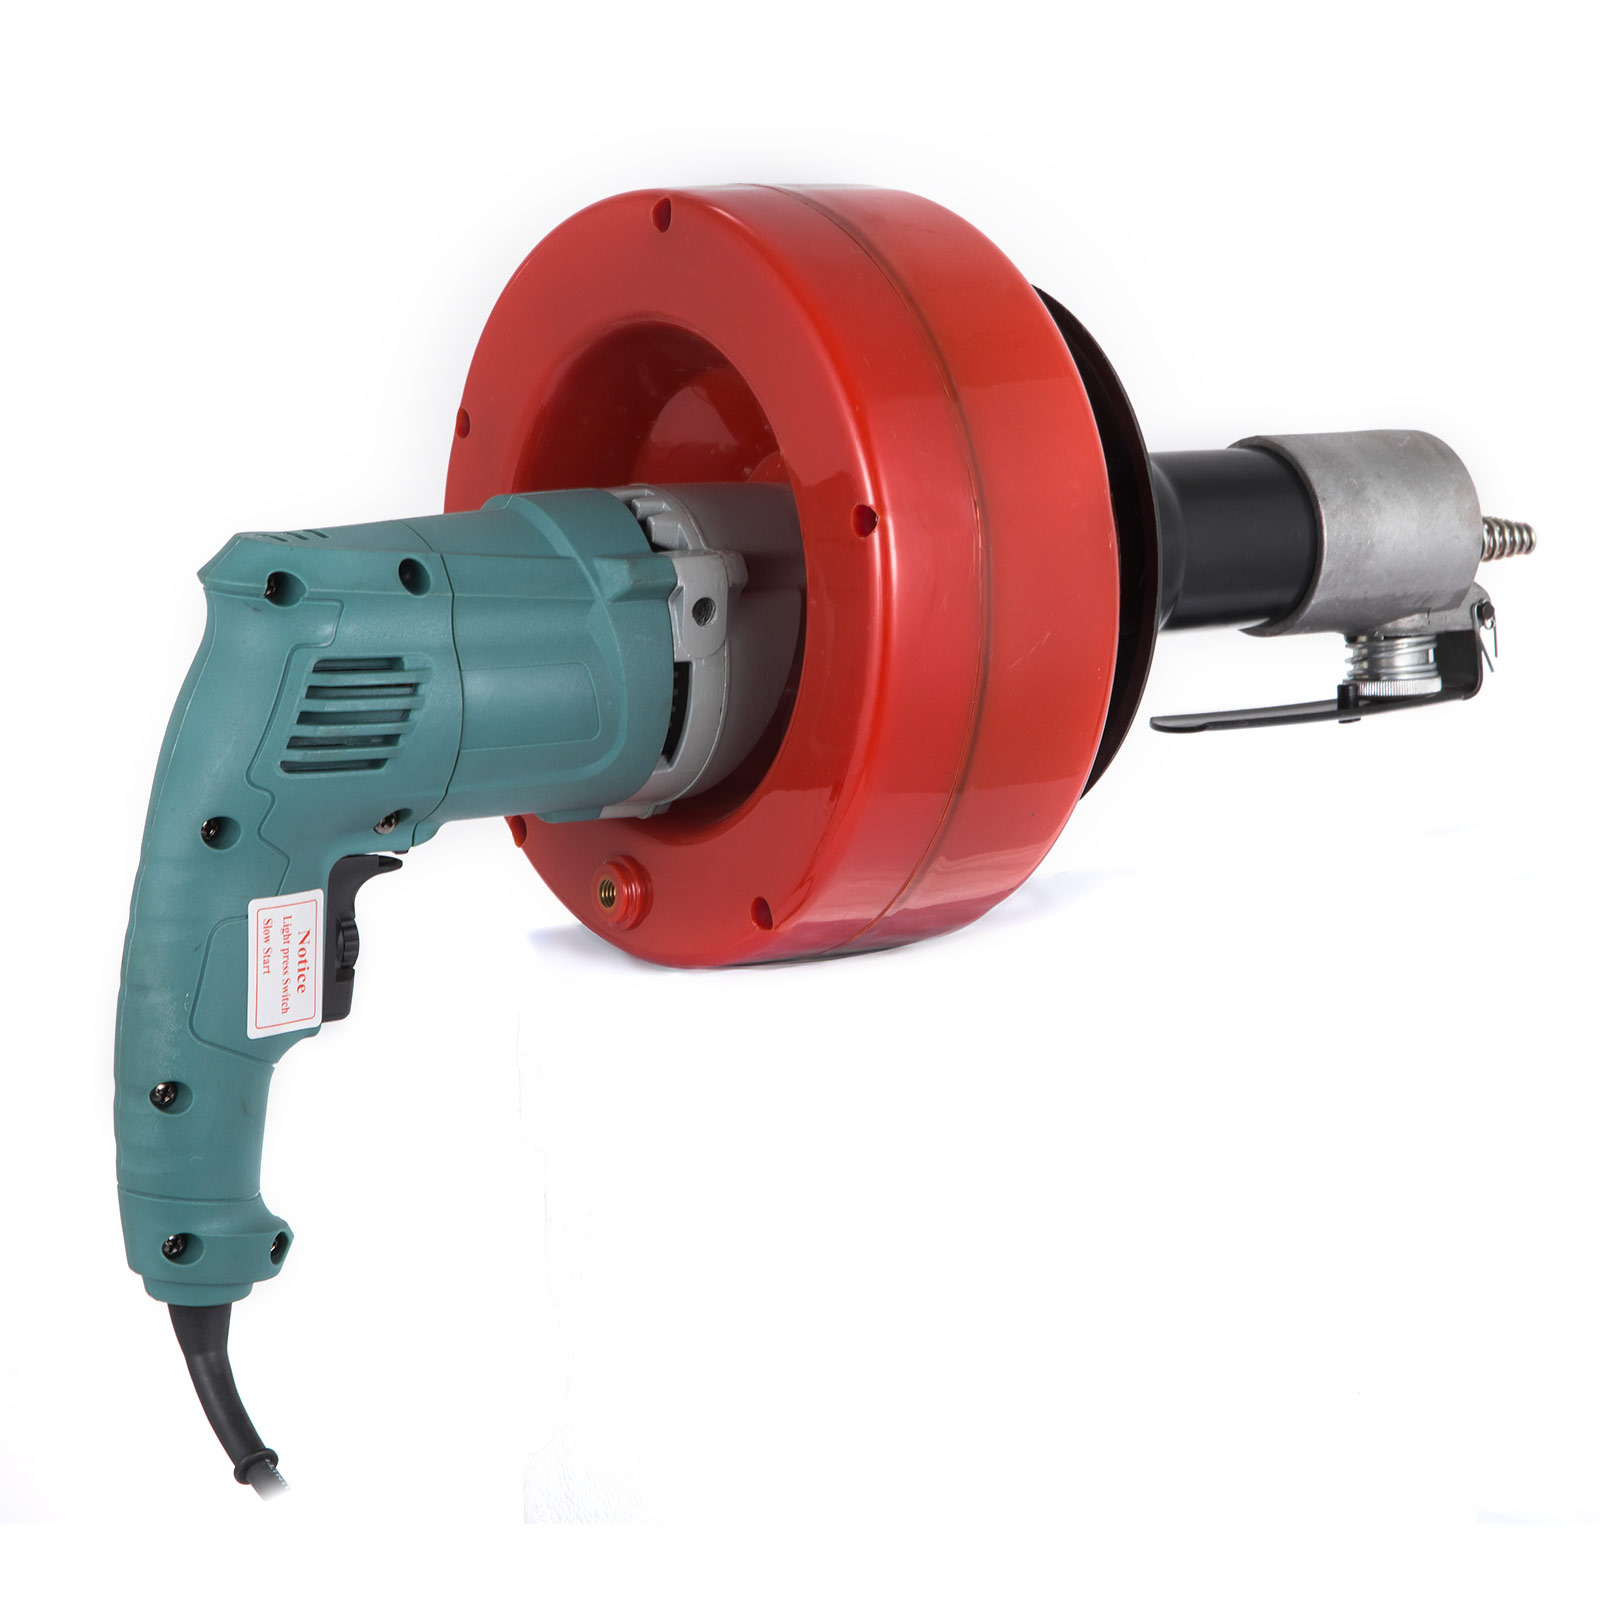 Rohrreinigungsmaschine Elektrisch Handspirale Rohrreinigungsgerät 700W 8m*8mm